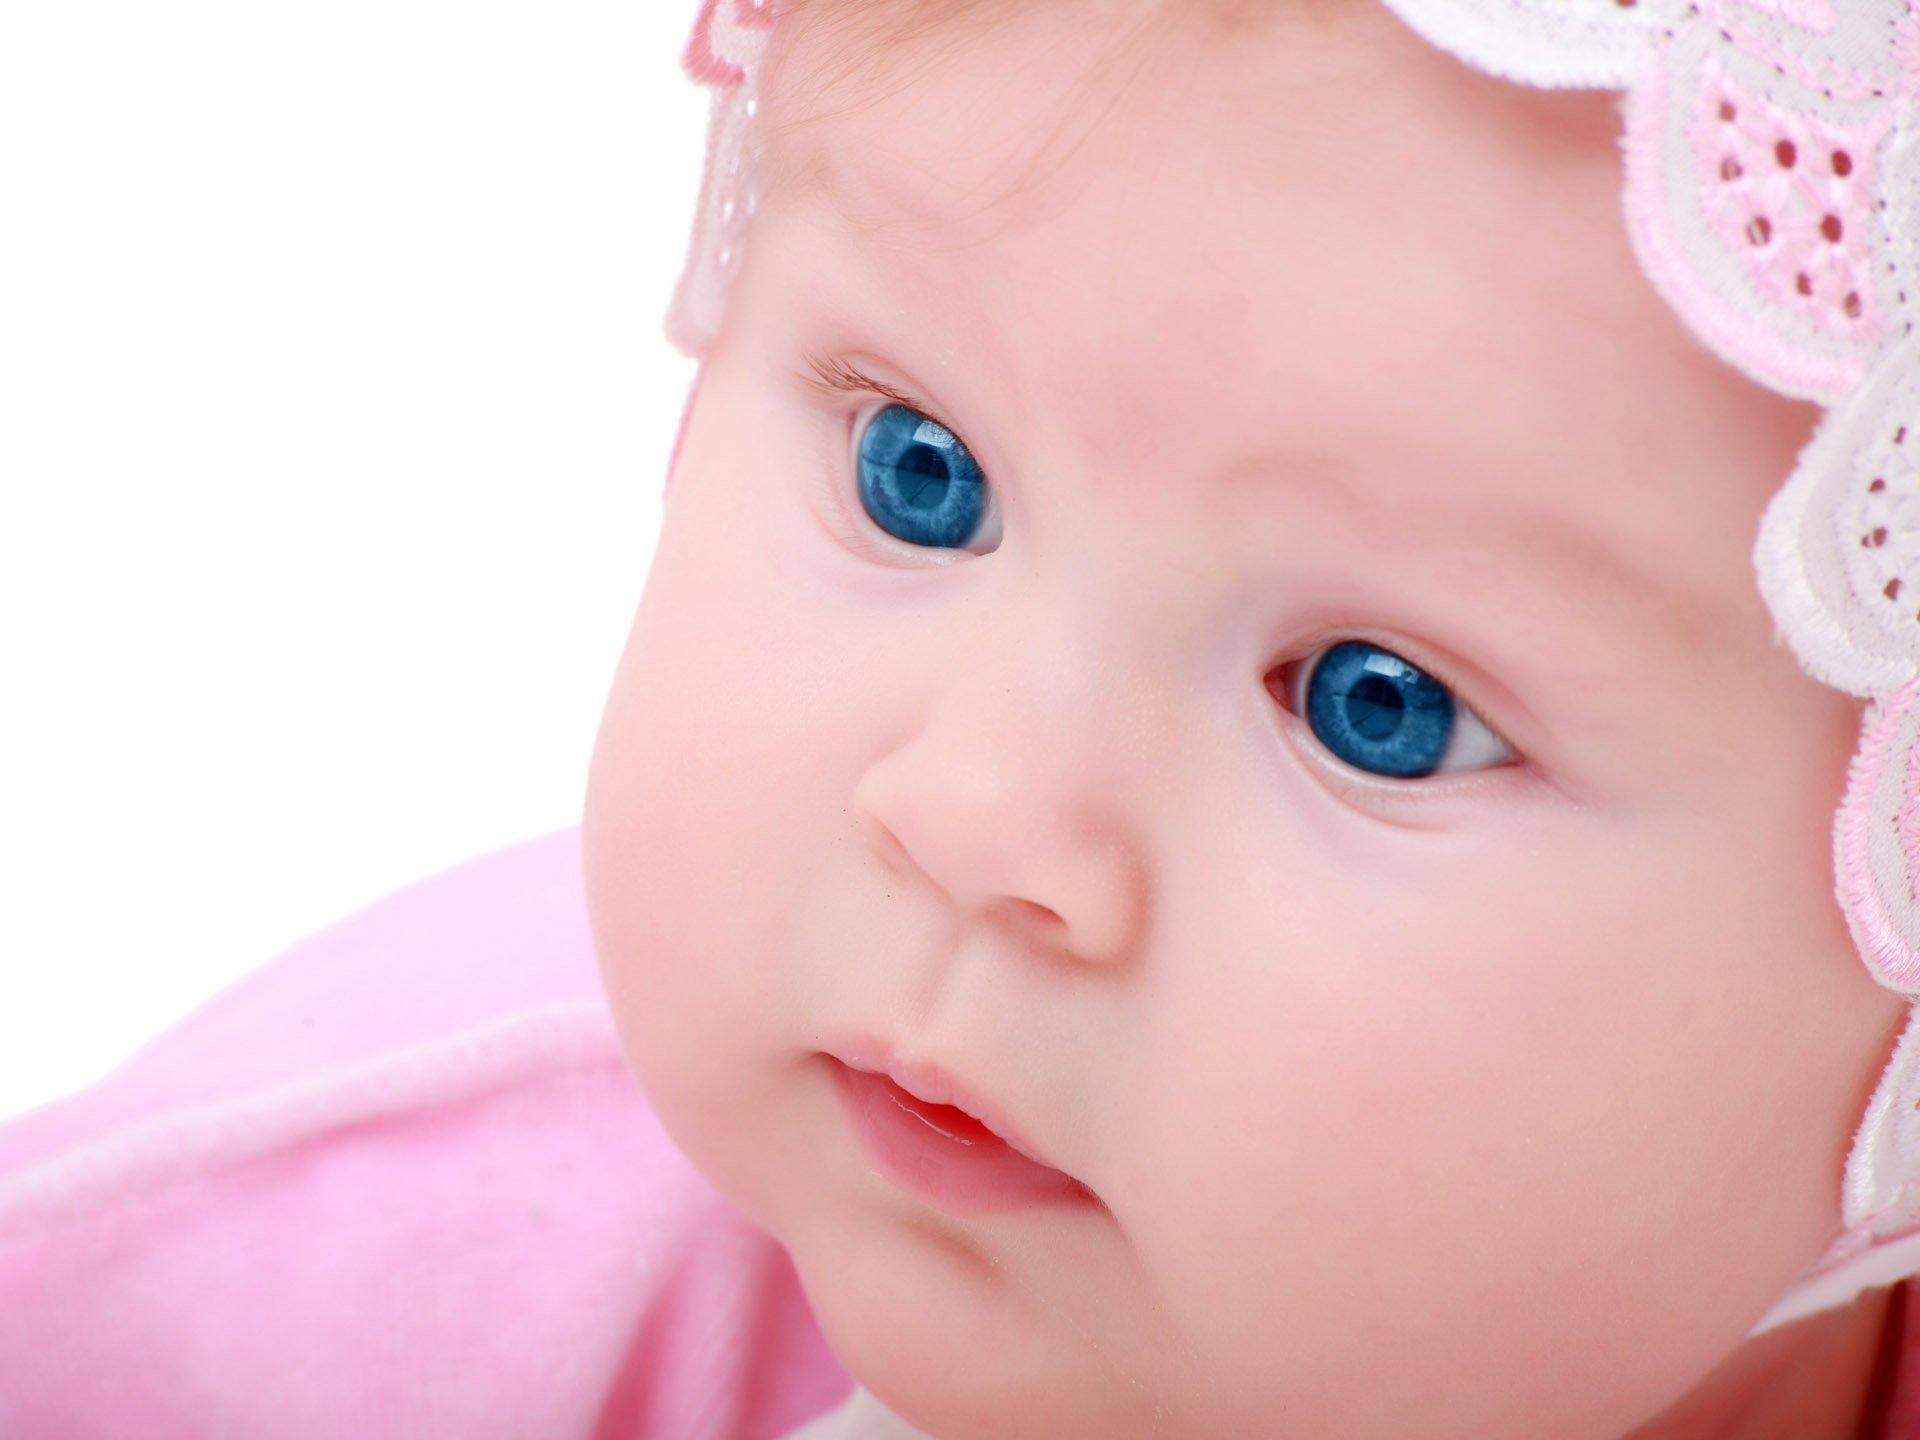 Hình ảnh đứa trẻ dễ thương nhất